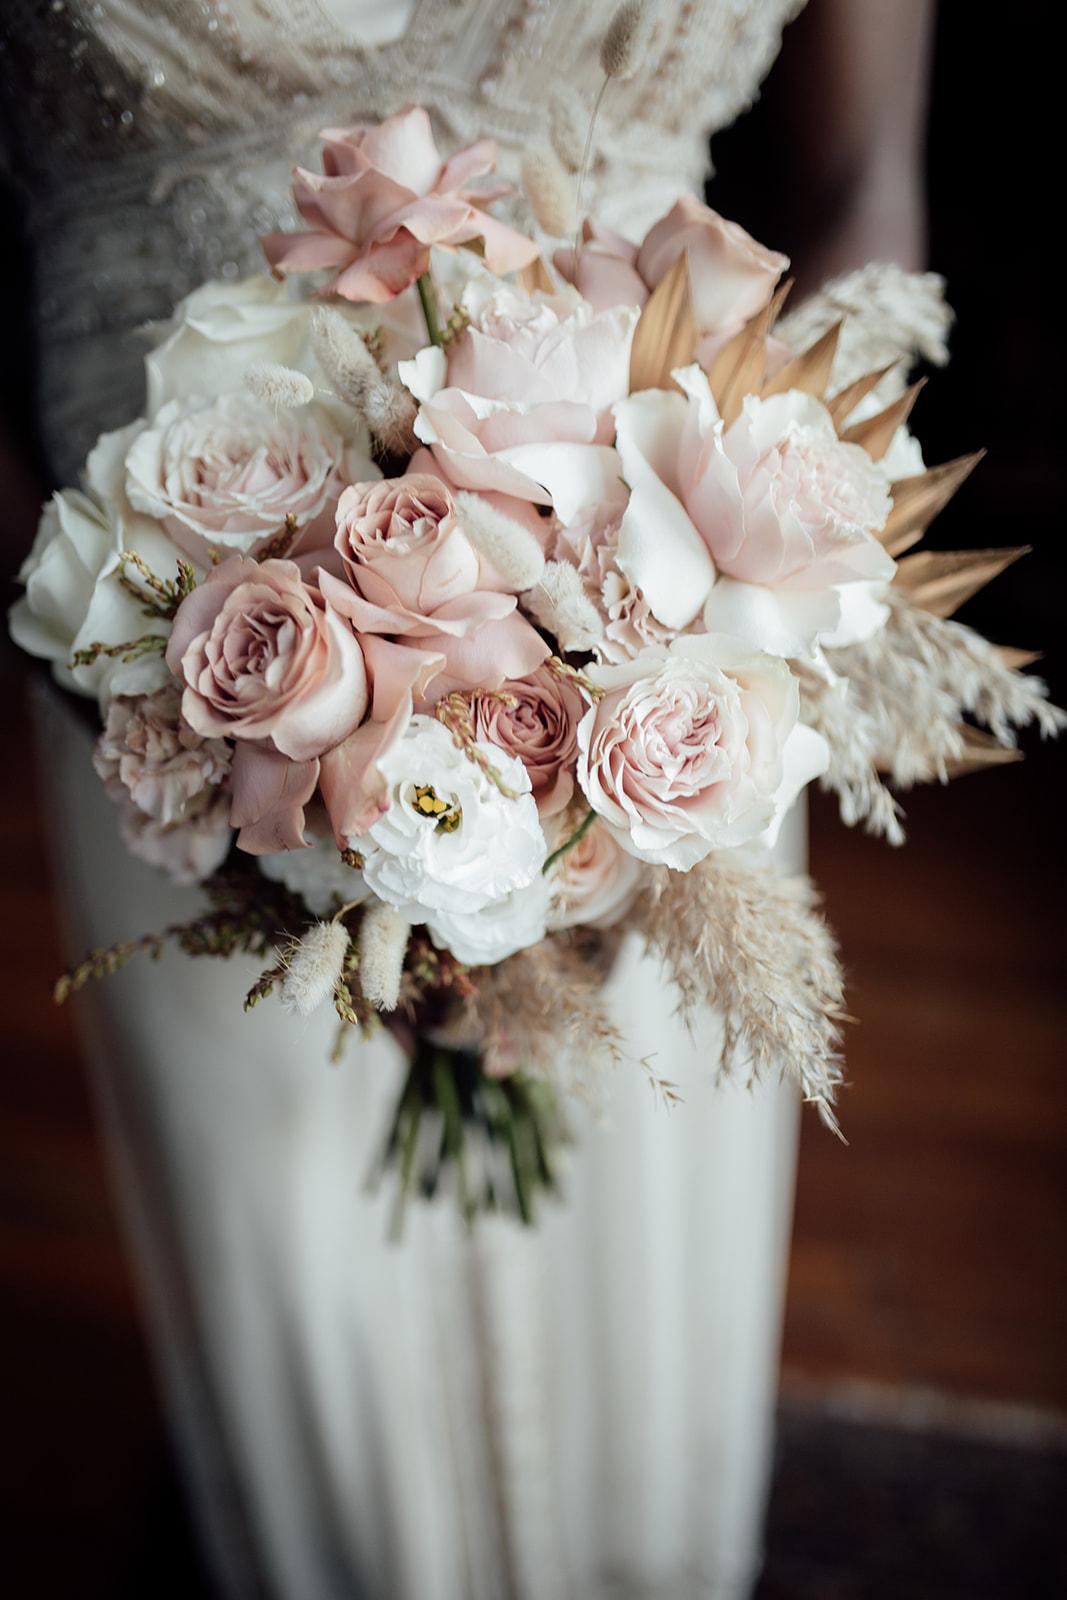 Melbourne Wedding Florist Bride Bouquet Flowers-5 | Thrive Flowers & Events